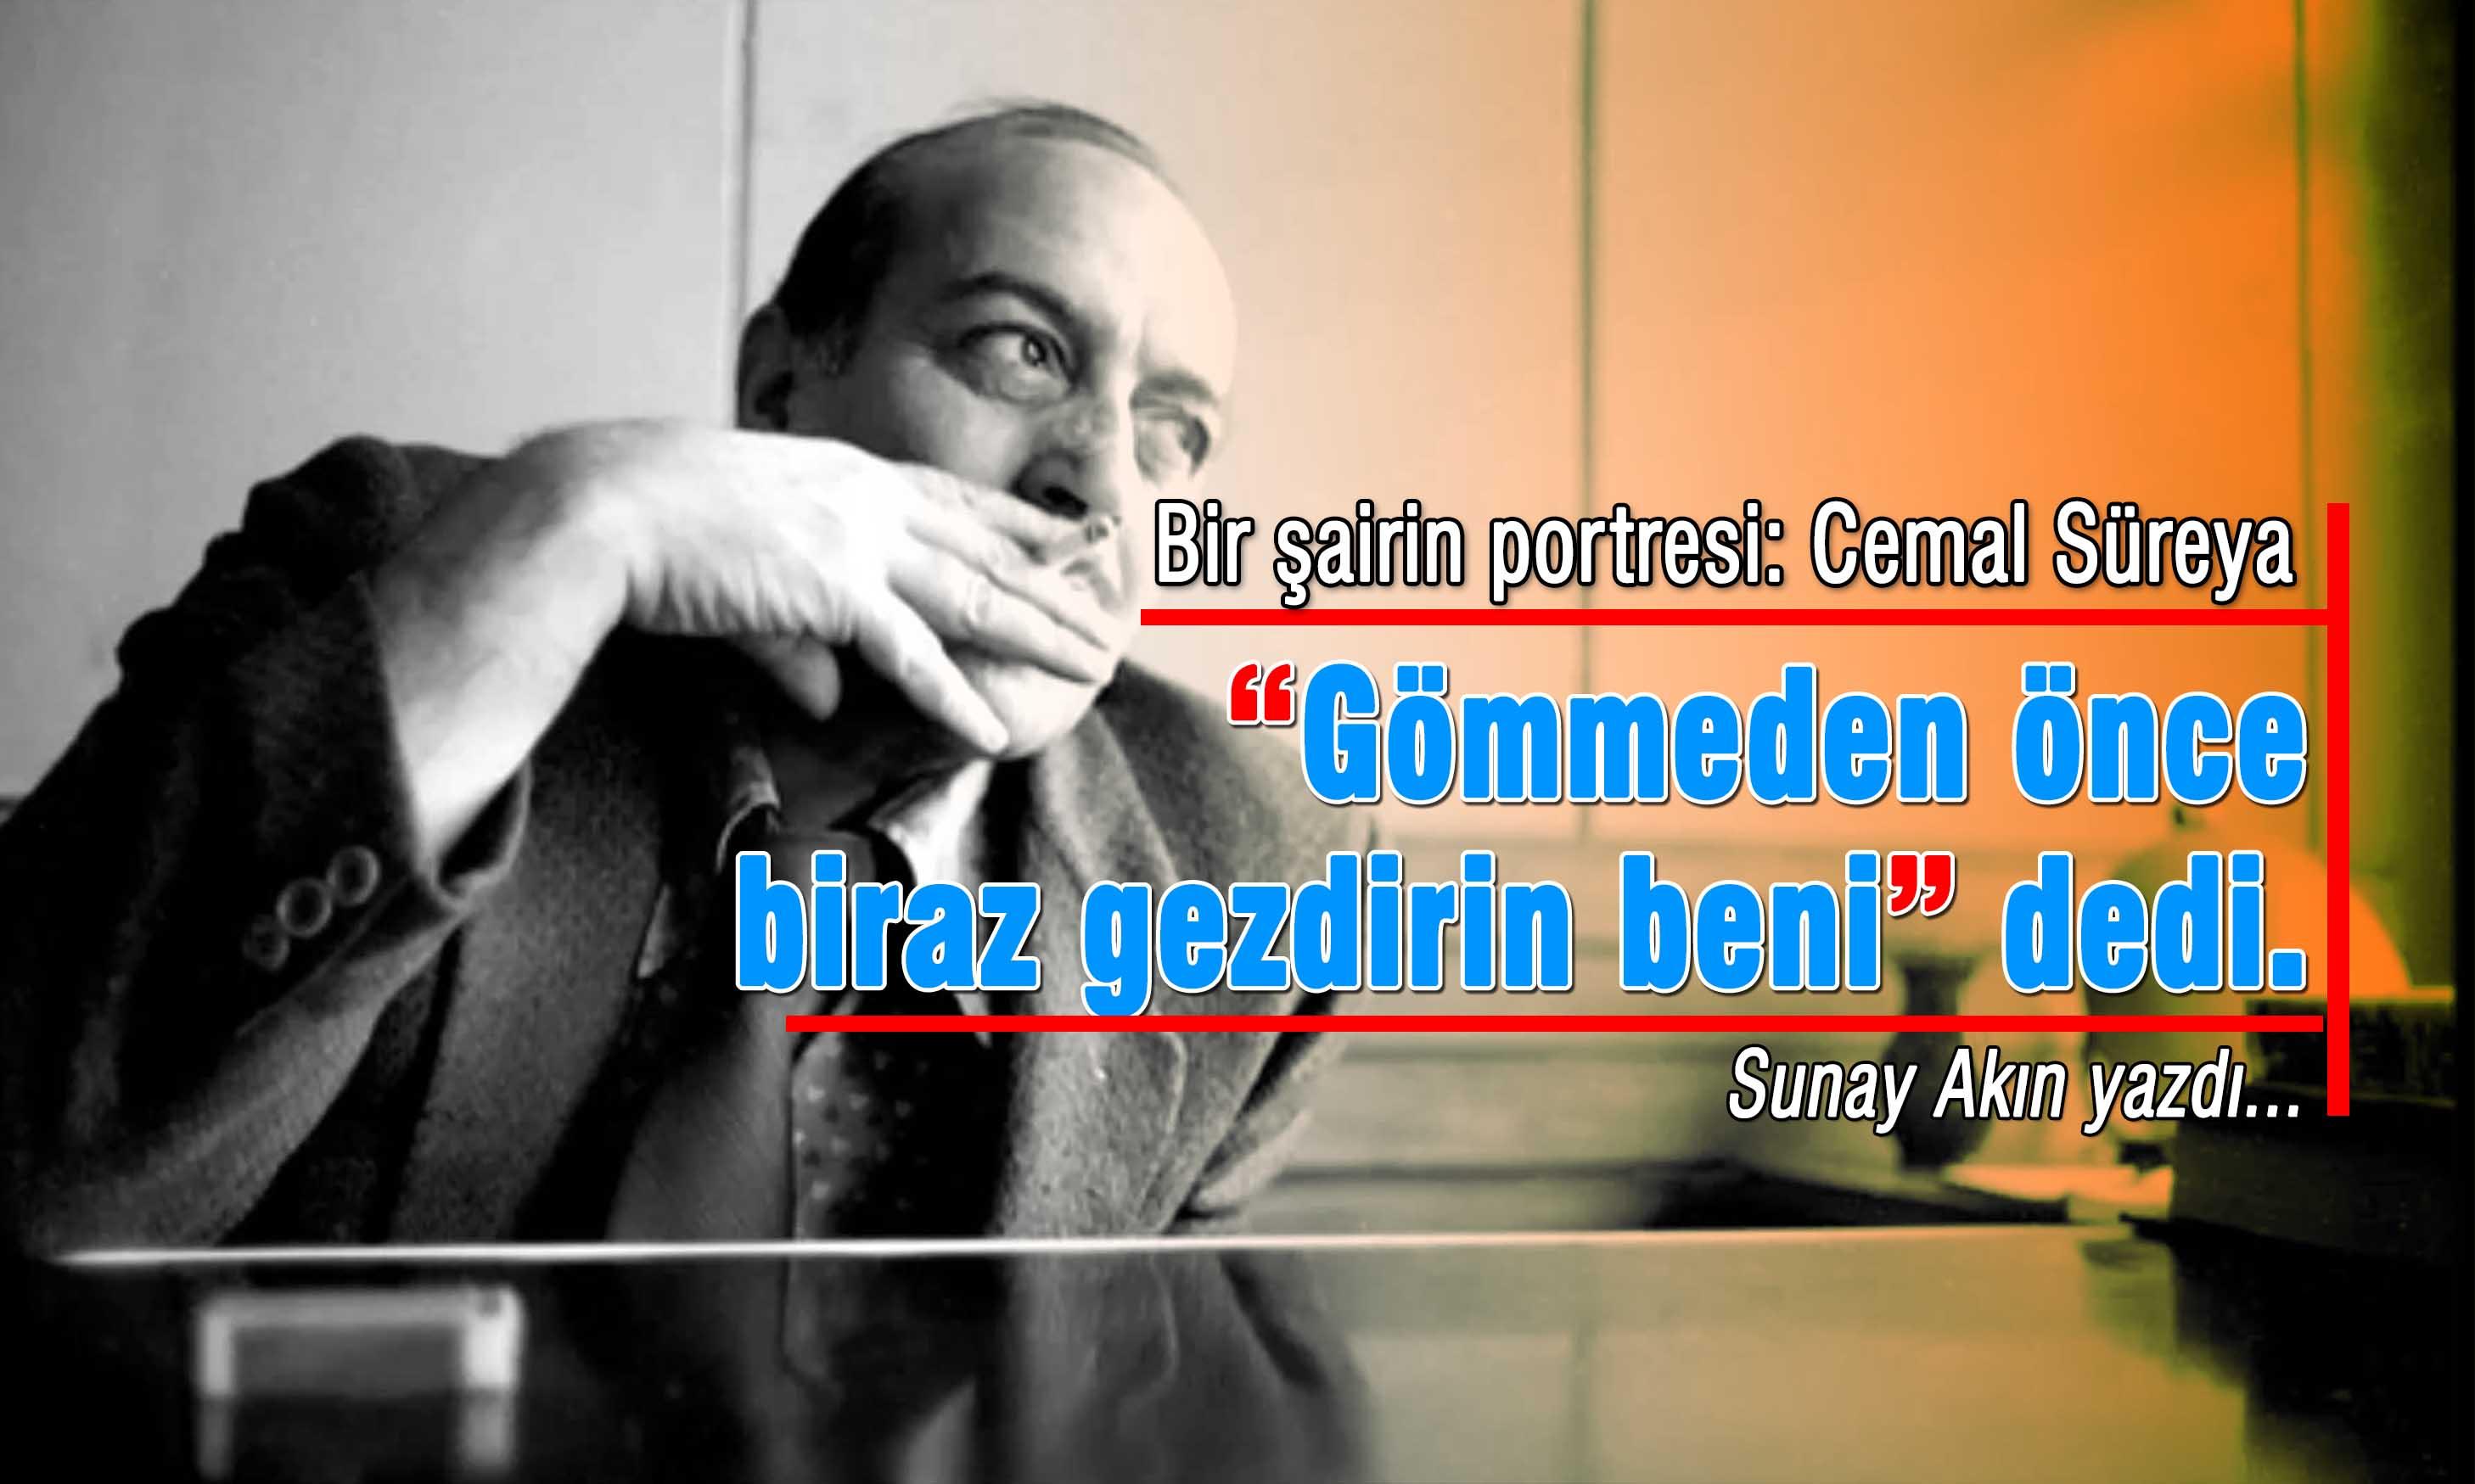 Cemal Süreya'nın hayatını kaybettiği hastaneden gömüleceği Kulaksız Mezarlığı'na yaptıkları yolculuğu kaleme alan şair, yazar ve gazeteci Sunay Akın, şairle ilgili bilmediğimiz yönlerini yazdı.